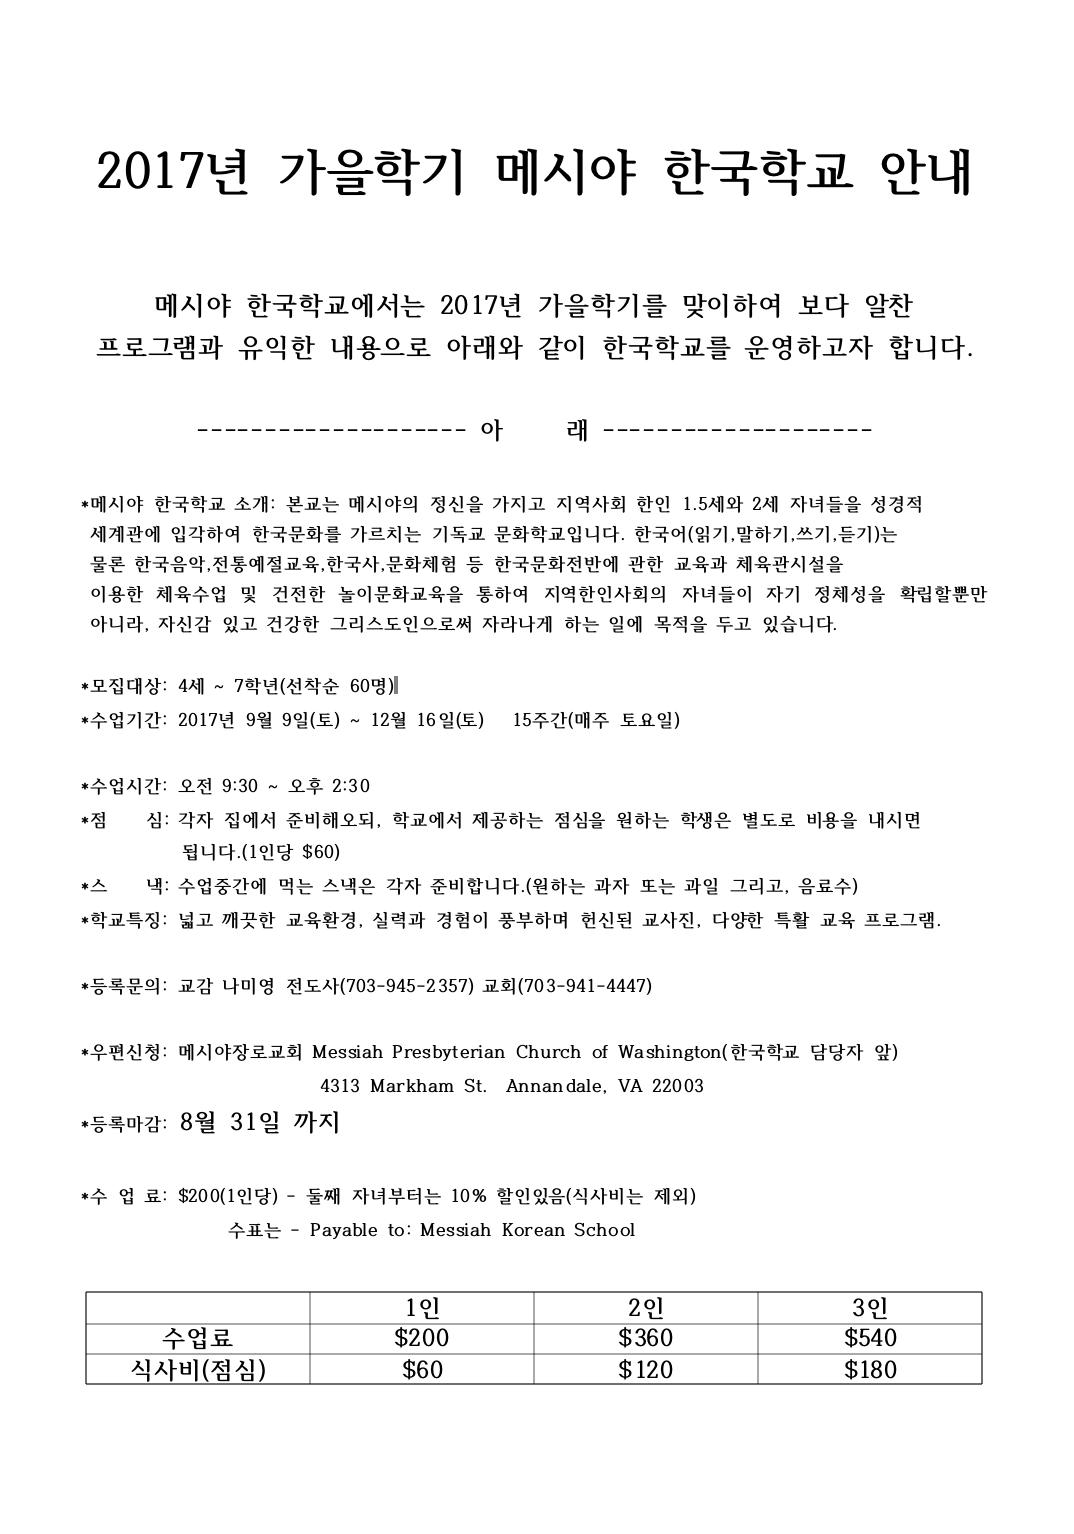 2017 한국학교 가을학기 안내.png